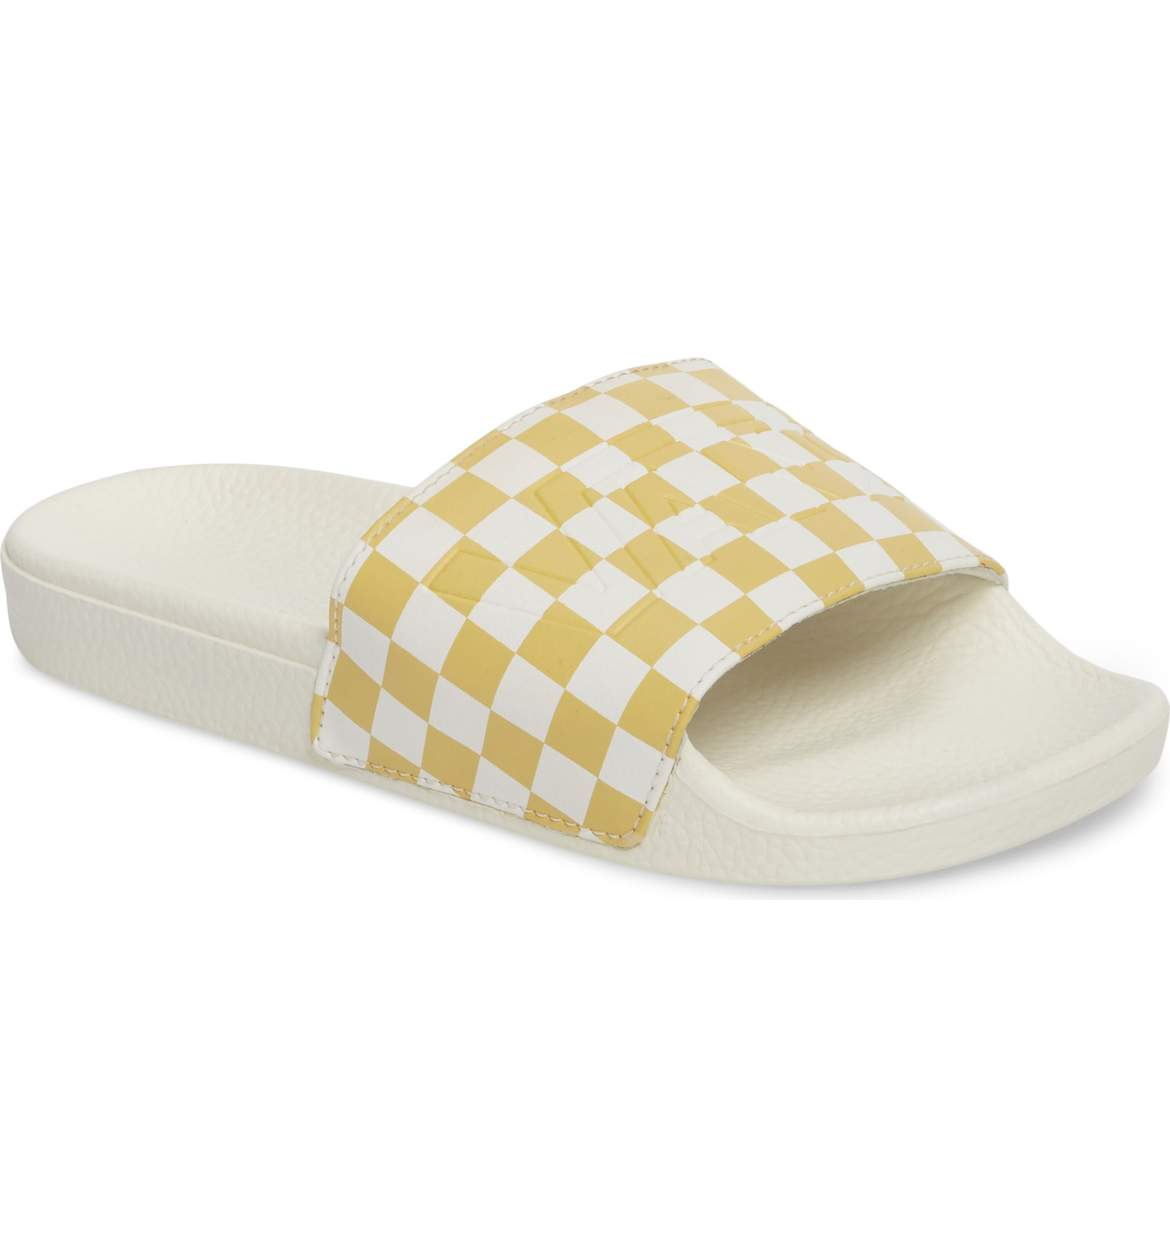 https://shop.nordstrom.com/s/vans-slide-on-sandal-women/4546881?origin=keywordsearch-personalizedsort&fashioncolor=PINEAPPLE%20SLICE